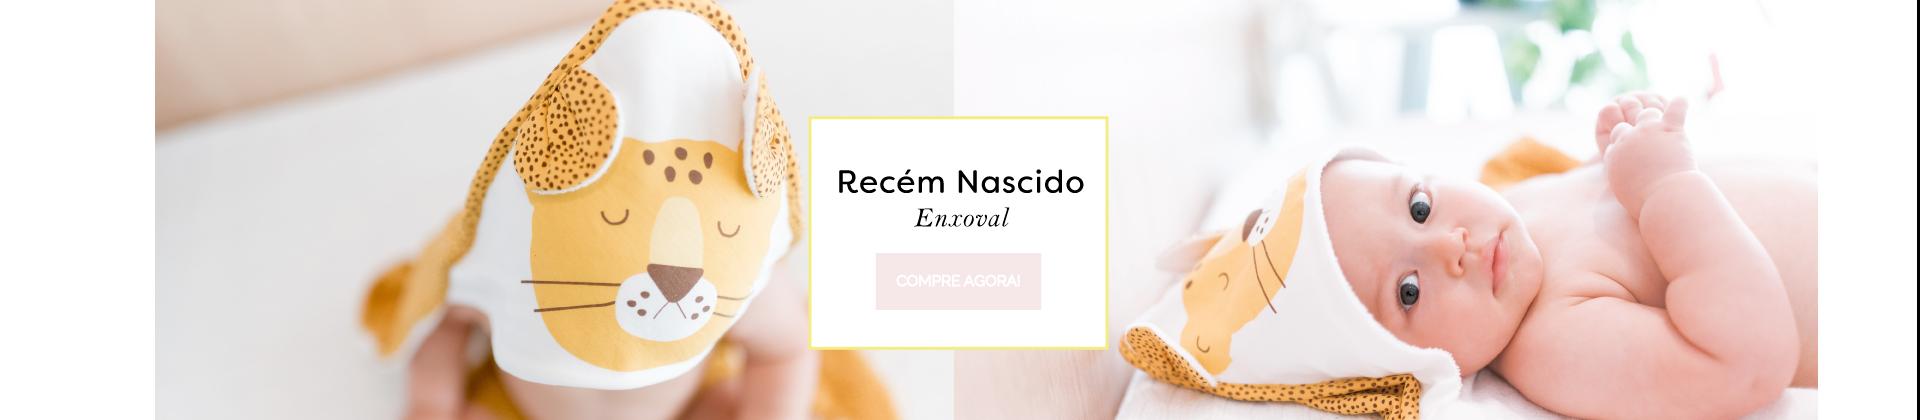 Cookie Dreams Pijamas Algodão Pima Peruano Recém Nascido